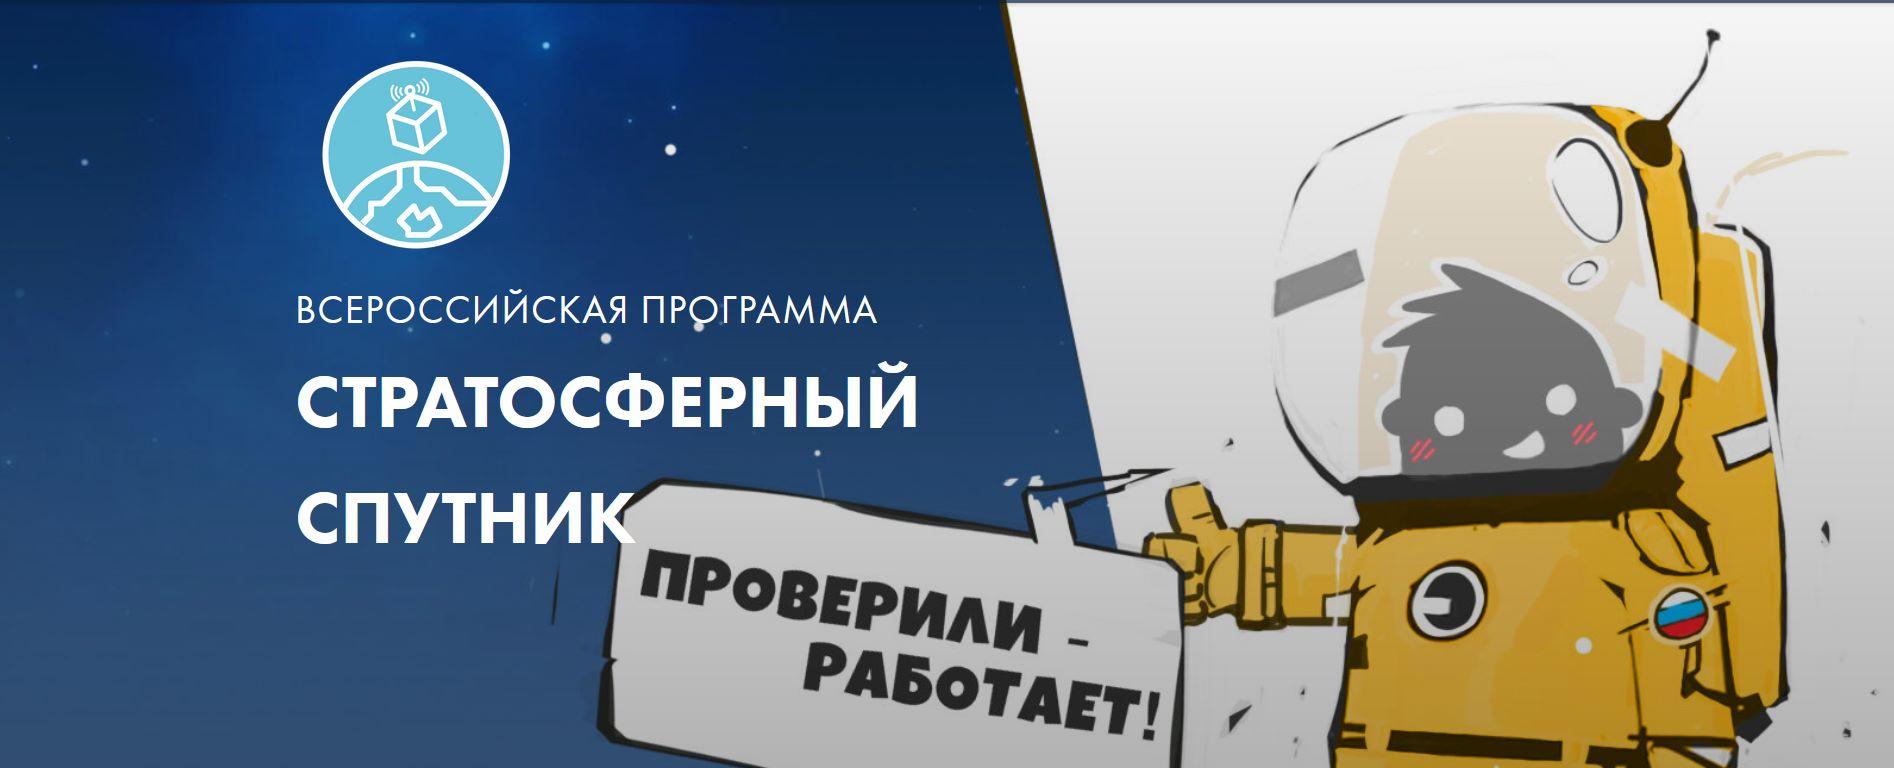 kartinka-stratsputnik